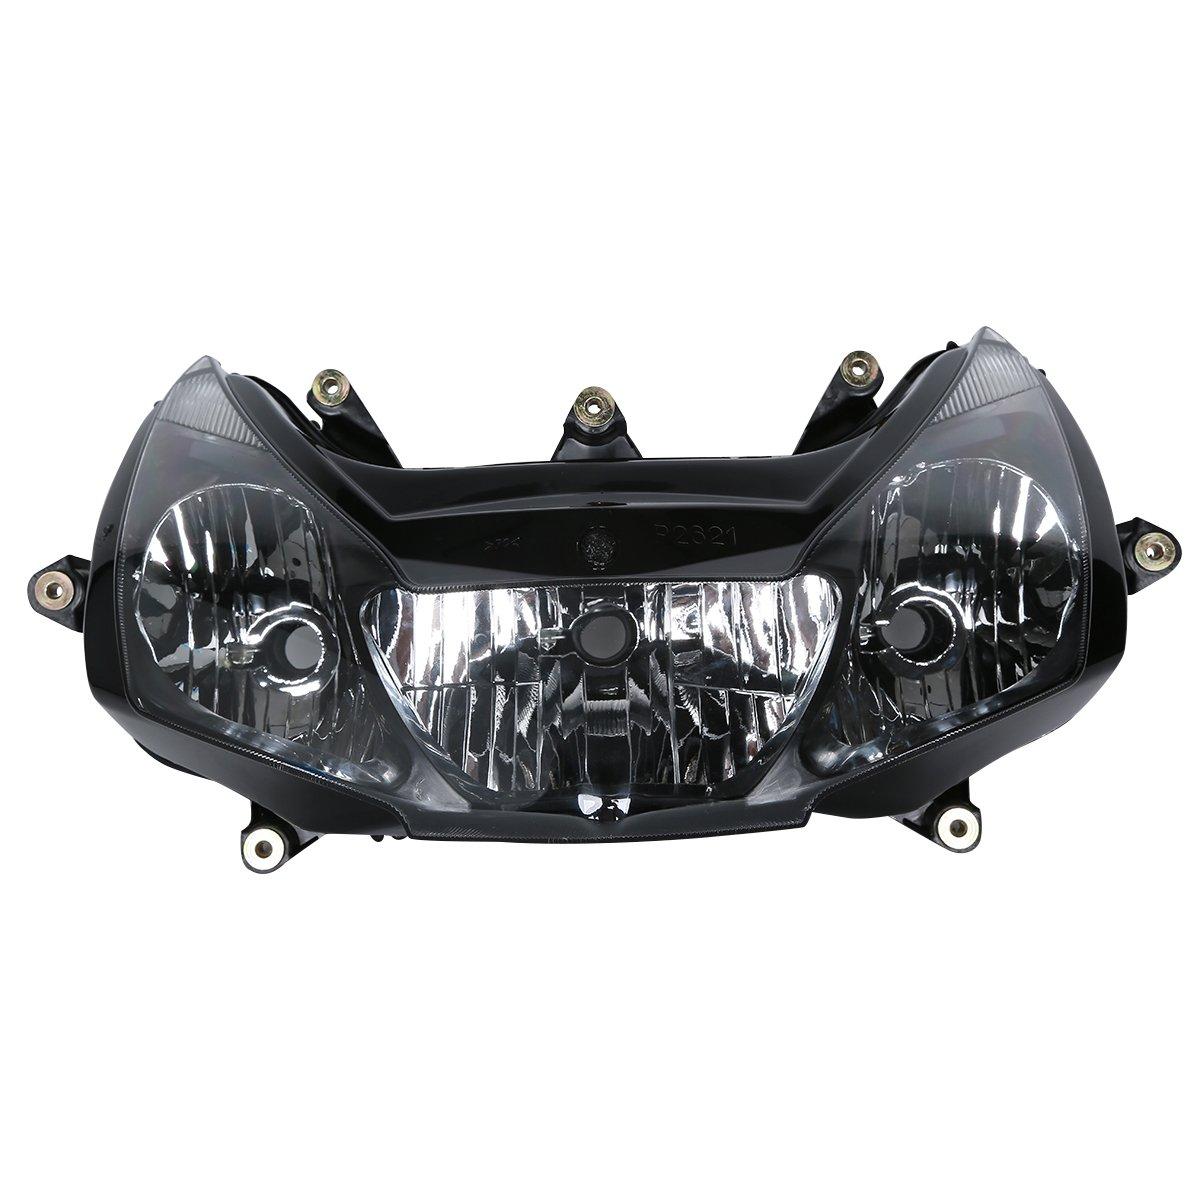 HUILI-JPHOME ヘッドライト ヘッドランプ アセンブリ ホンダ CBR954 CBR 954 2002-2003 対応 B07NS65SZR